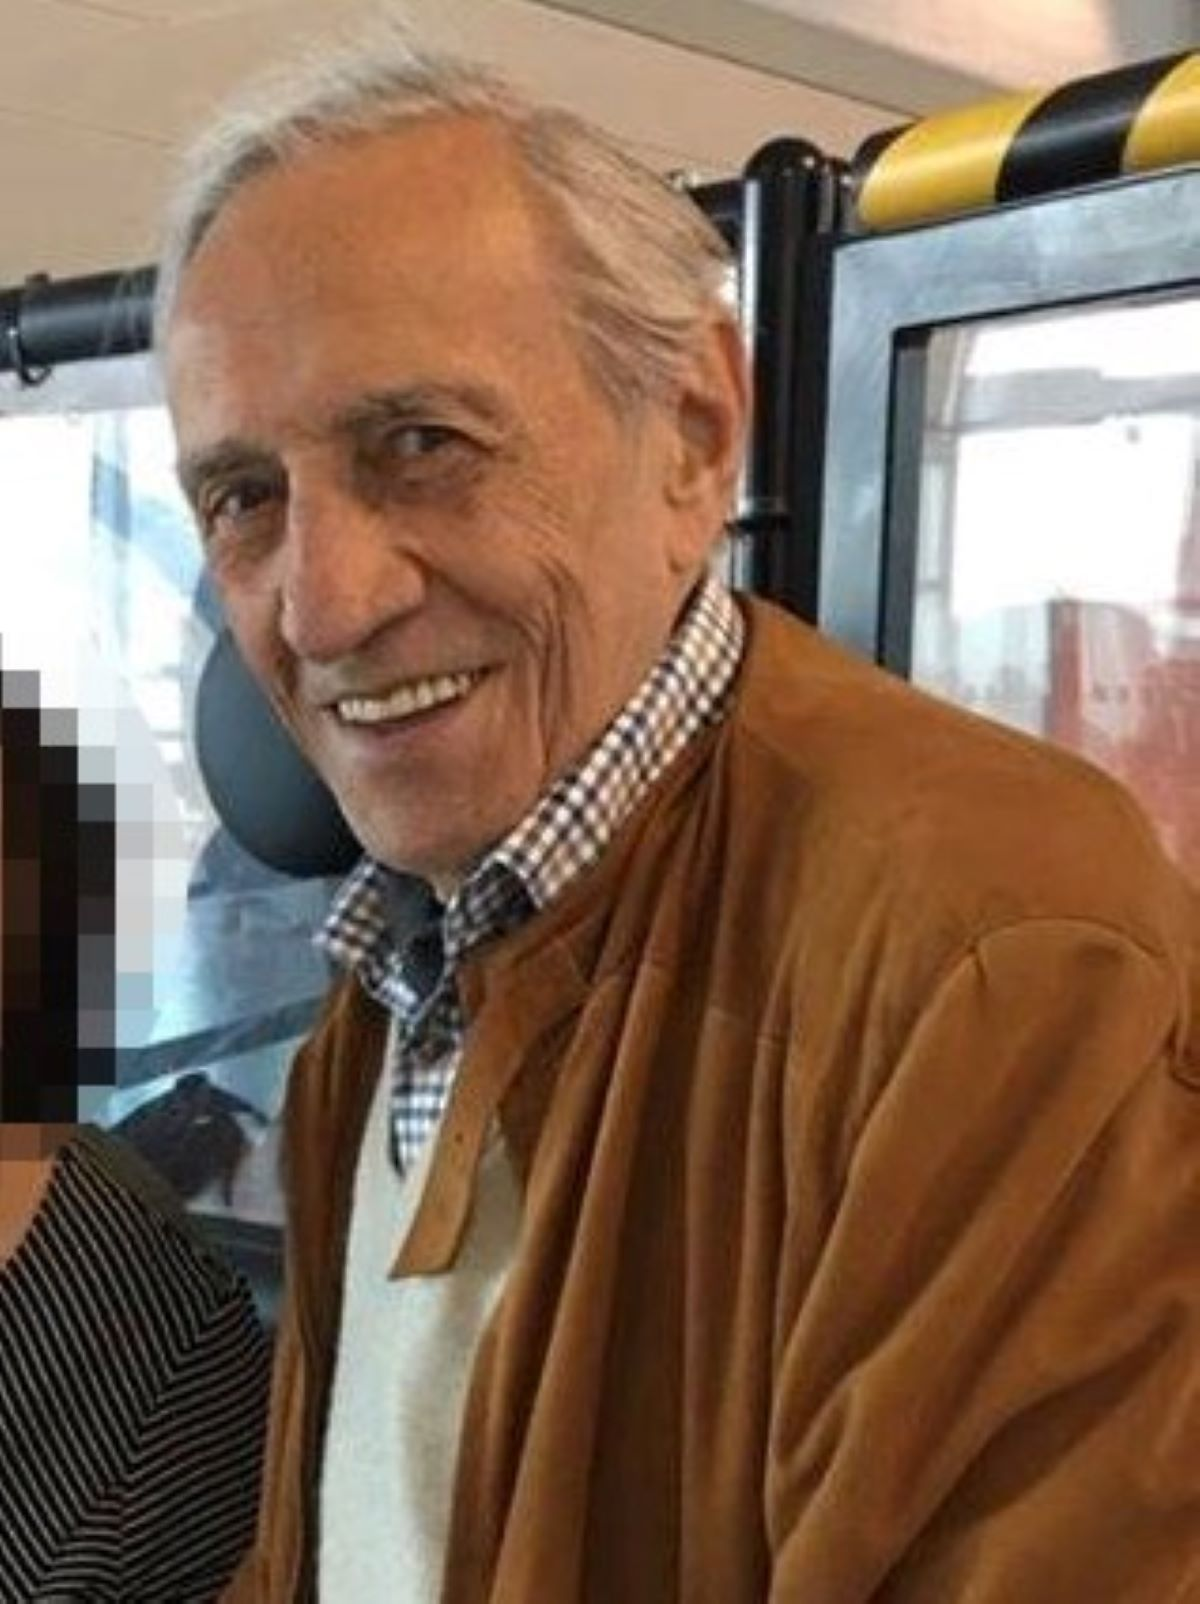 Carlo Bini Morto Tenore 84 anni Problemi Cuore